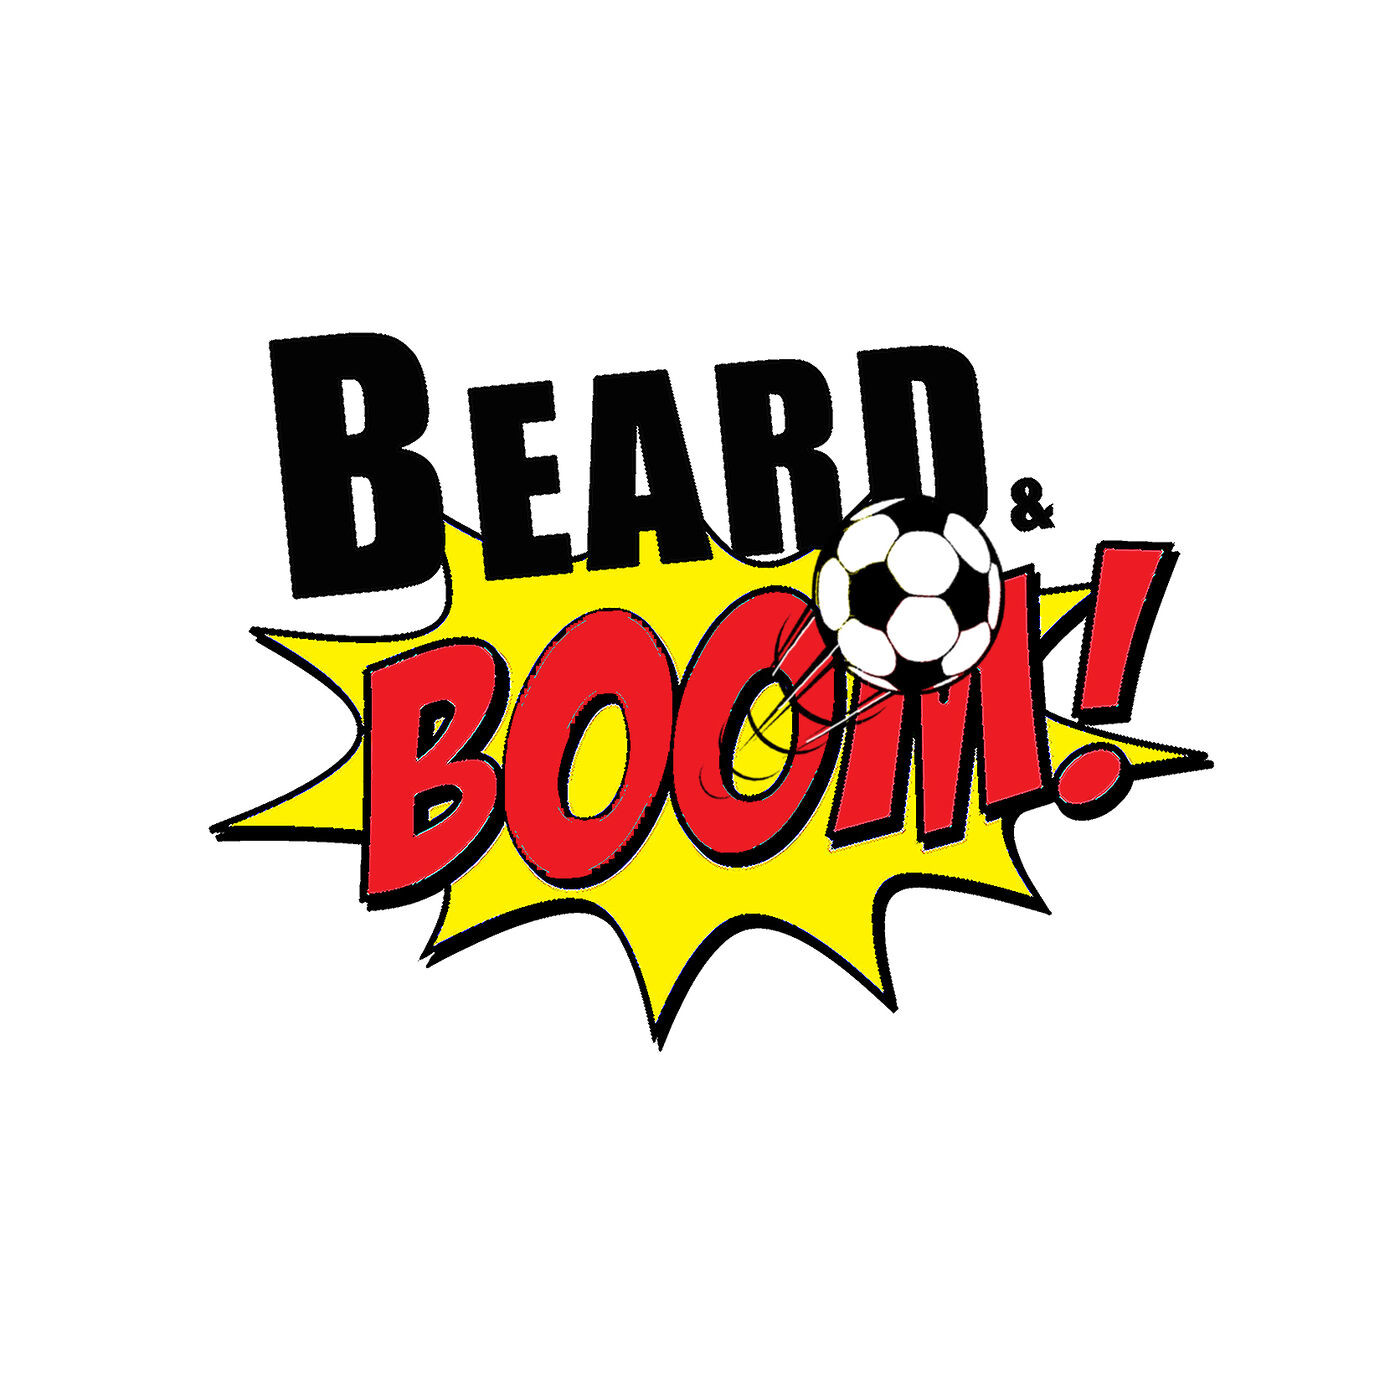 Beard & Boom